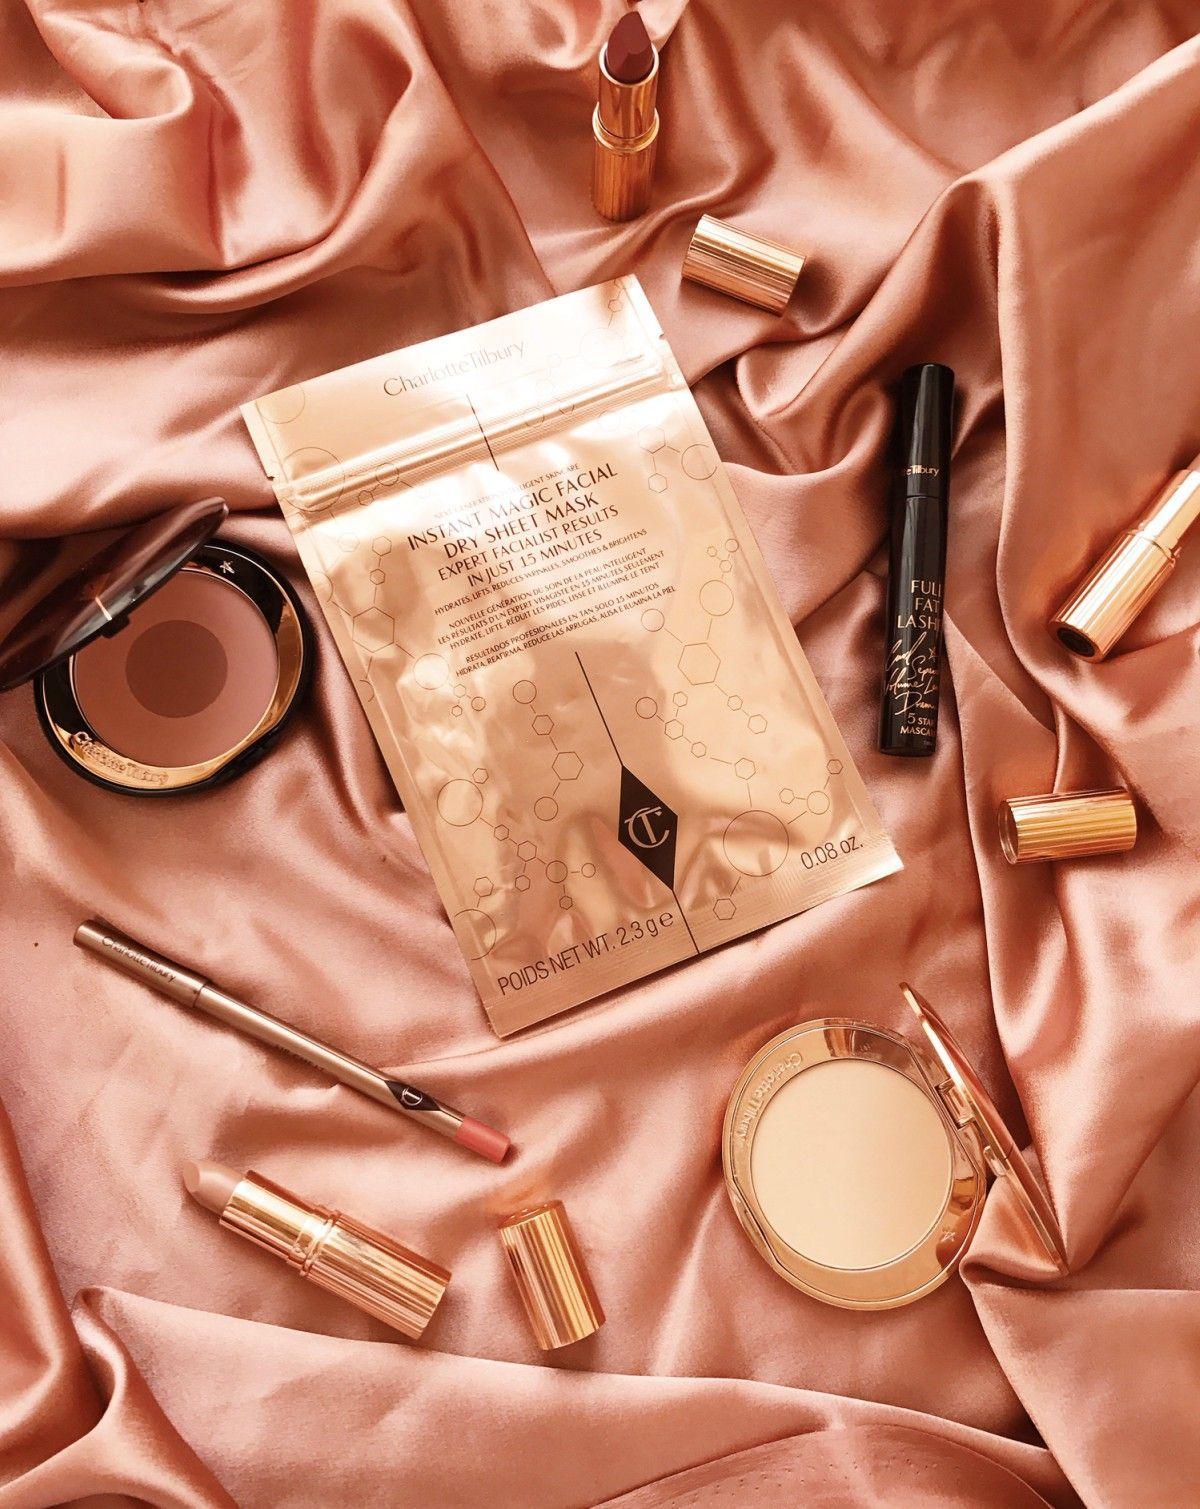 Сухая тканевая маска для тусклой кожи Charlotte Tilbury Revolutionary Instant Magic Facial Dry Sheet